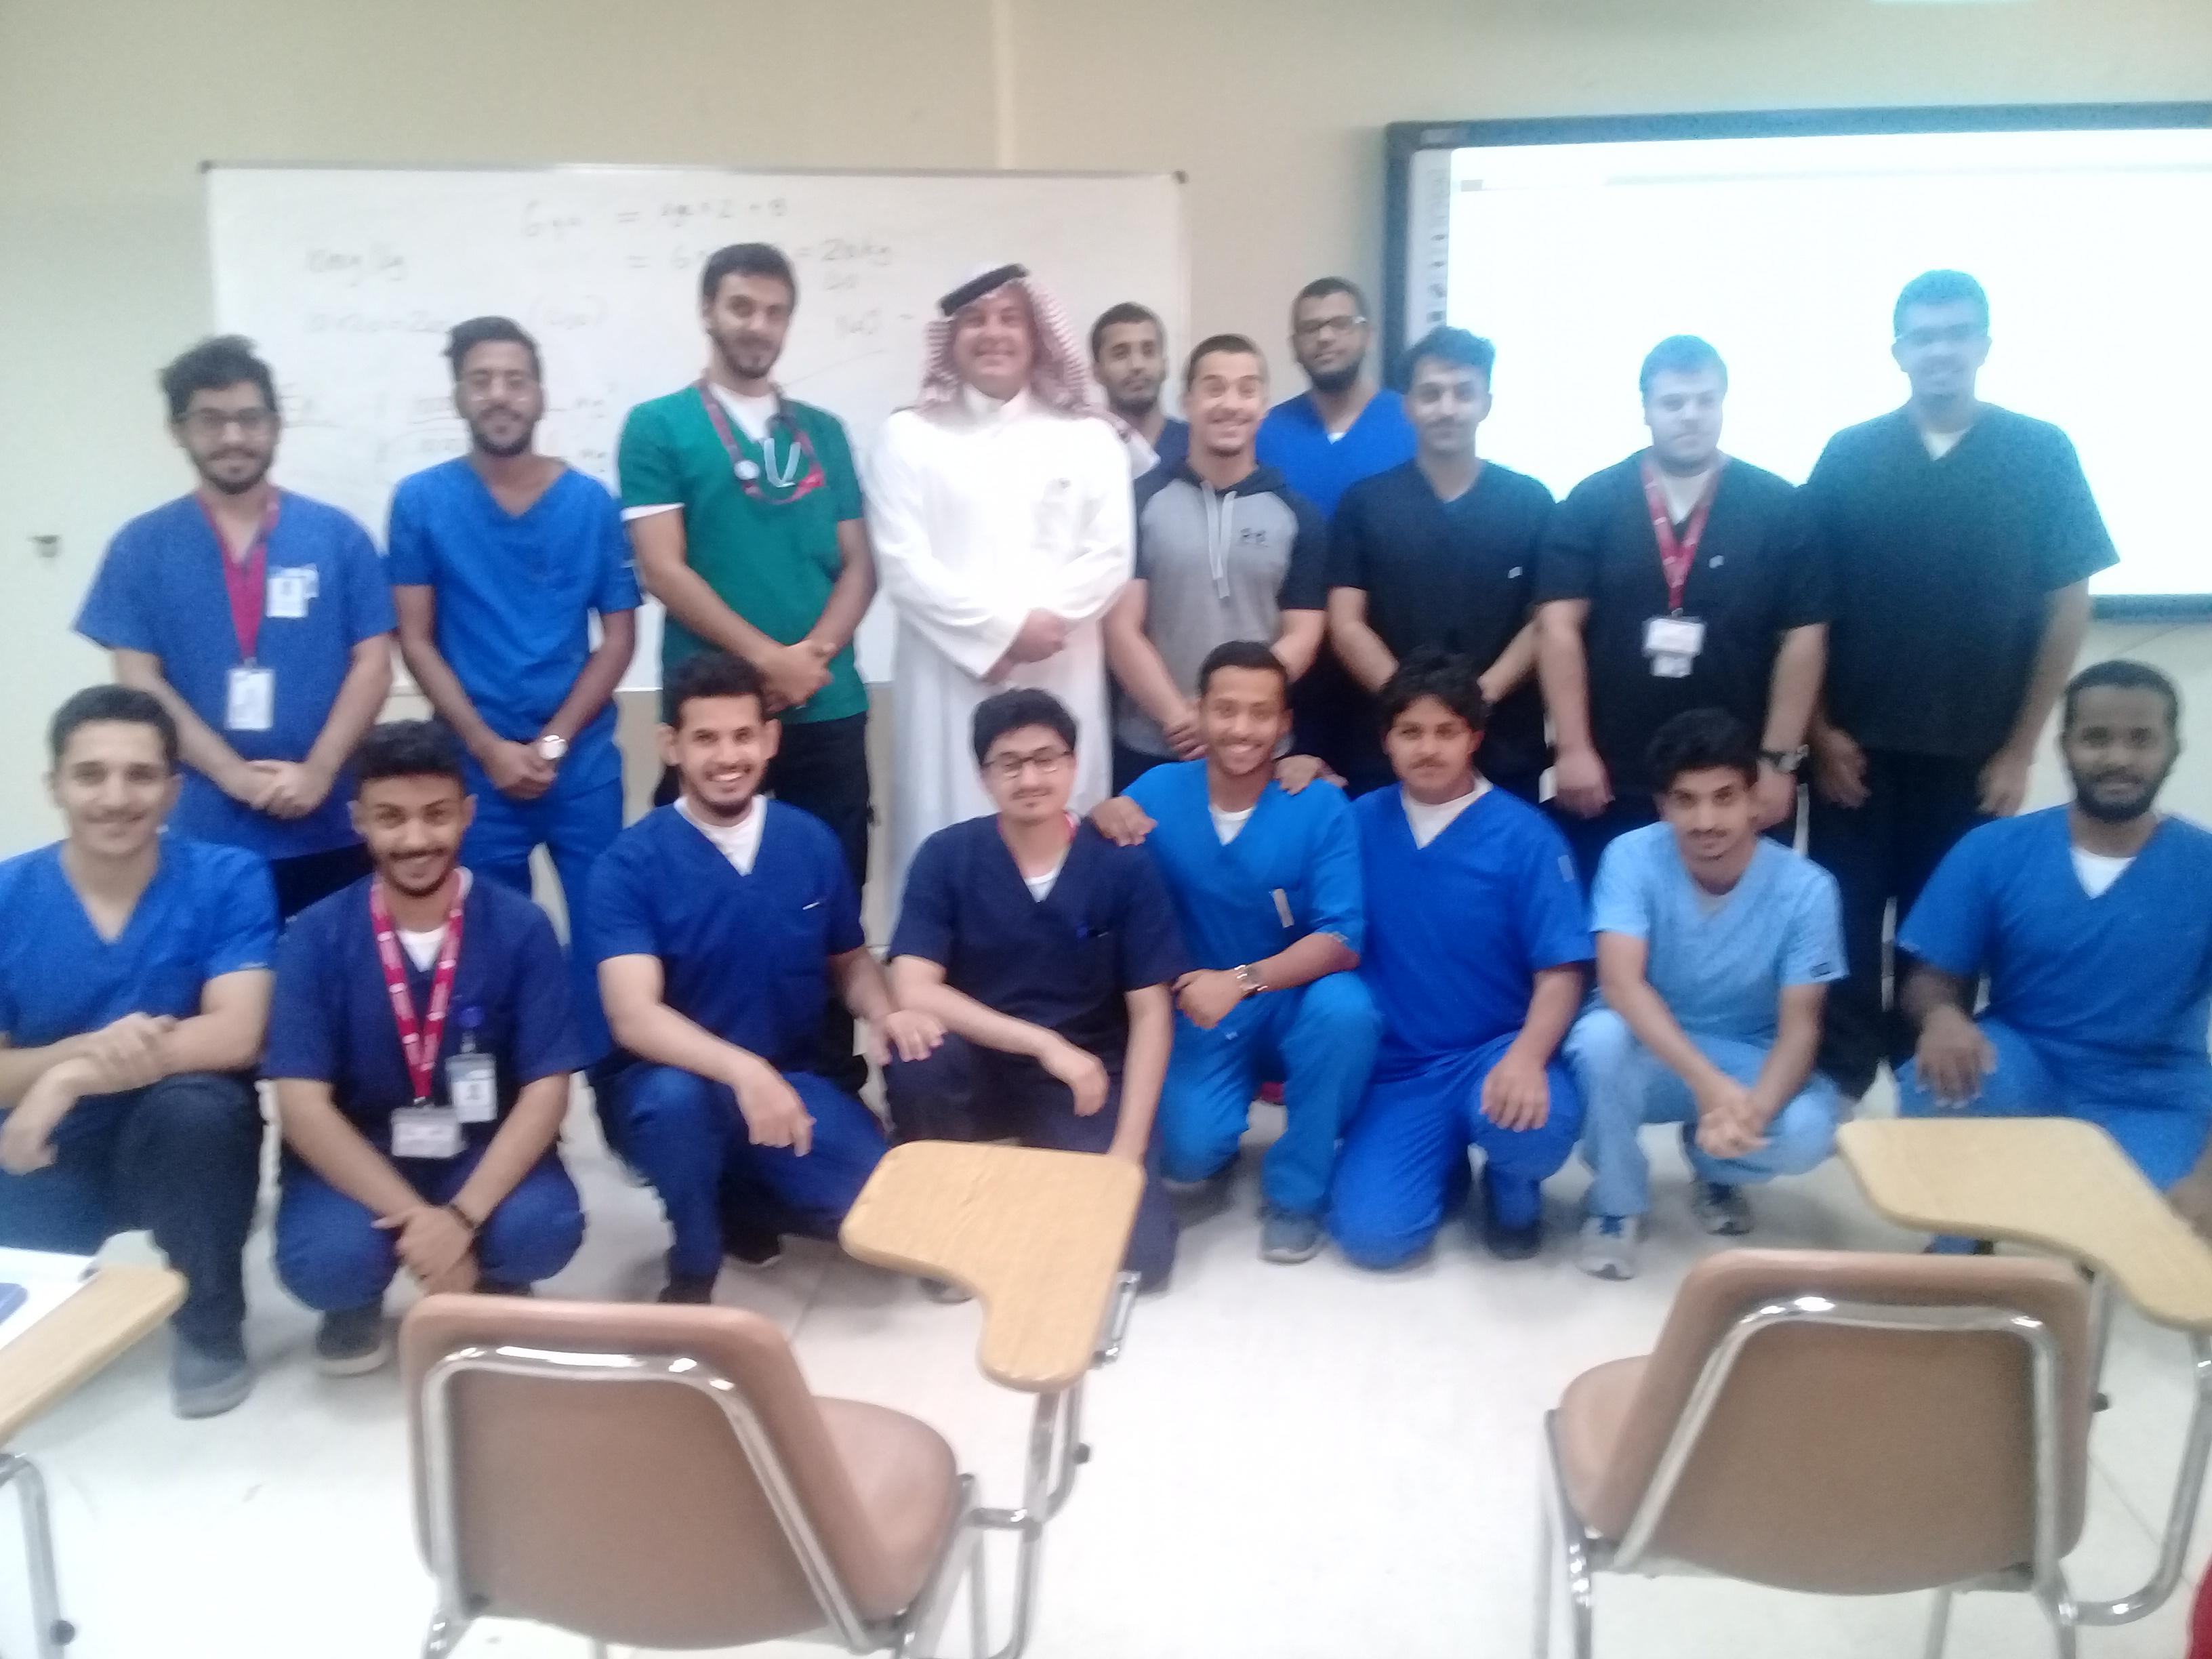 """الخدمات الطبية الطارئة بجامعة الملك سعود تستقبل البرفيسور (بيرت ويليامز) من """"جامعة موناش"""" الاسترالية"""